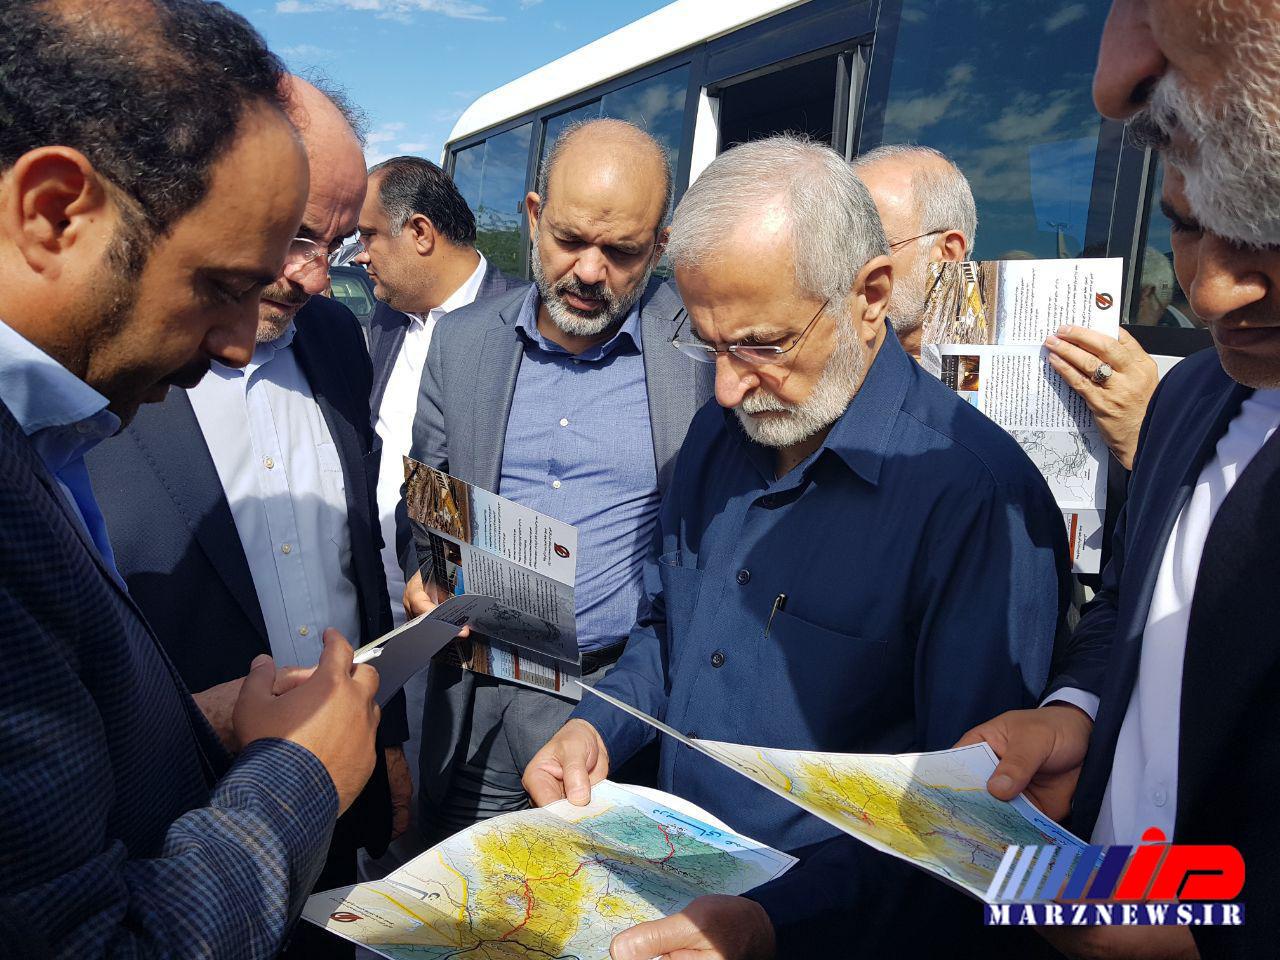 رئیس شورای راهبردی روابط خارجی: چابهار با اتصال به آب های آزاد یکی از محورهای کلیدی توسعه ایران است